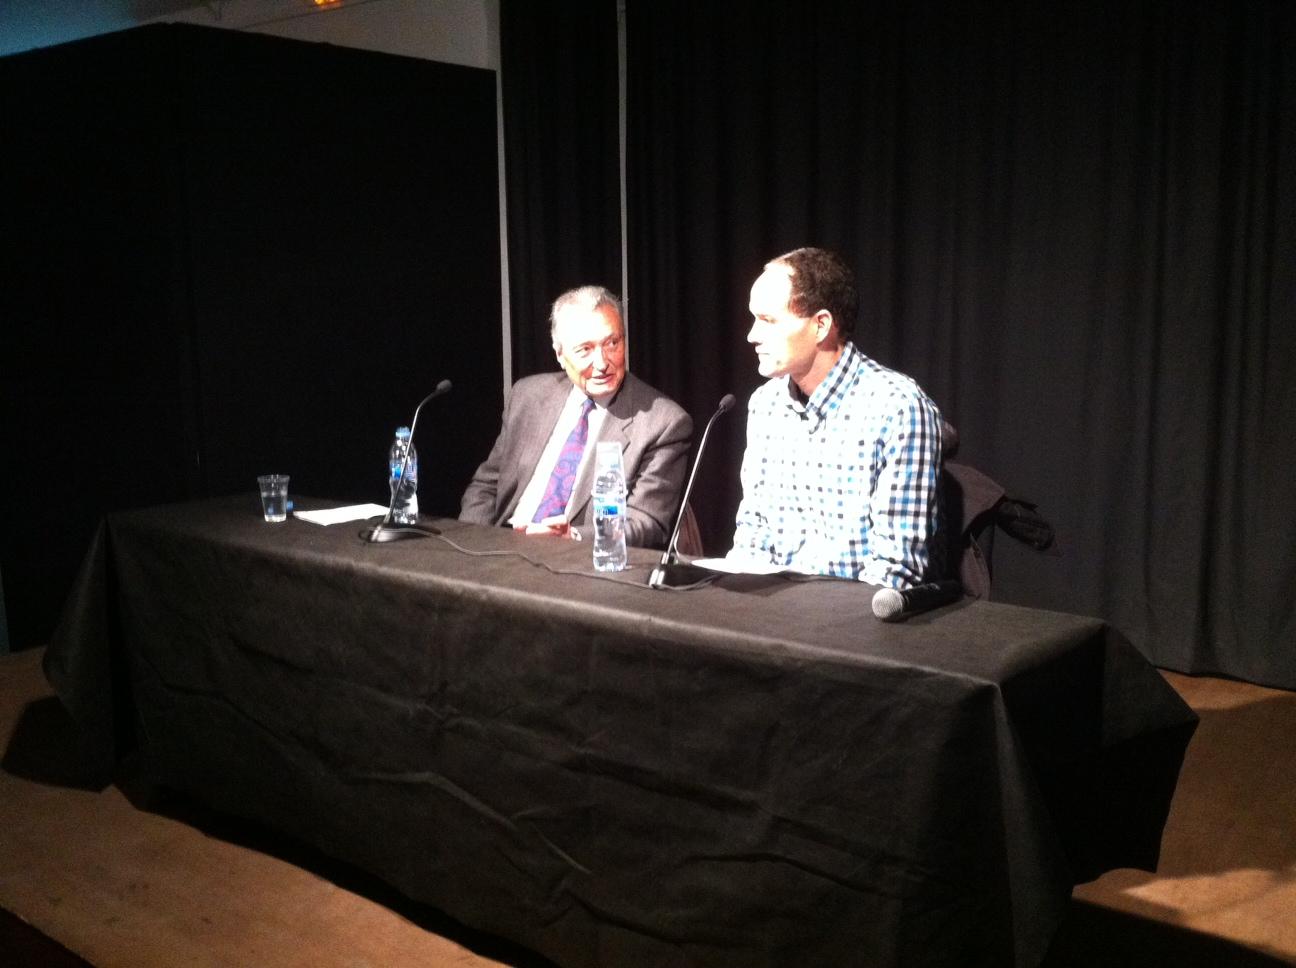 D'esquerra a dreta, el periodista Martí Anglada i el president de l'ANC a Tarragona, Albert Cortés.